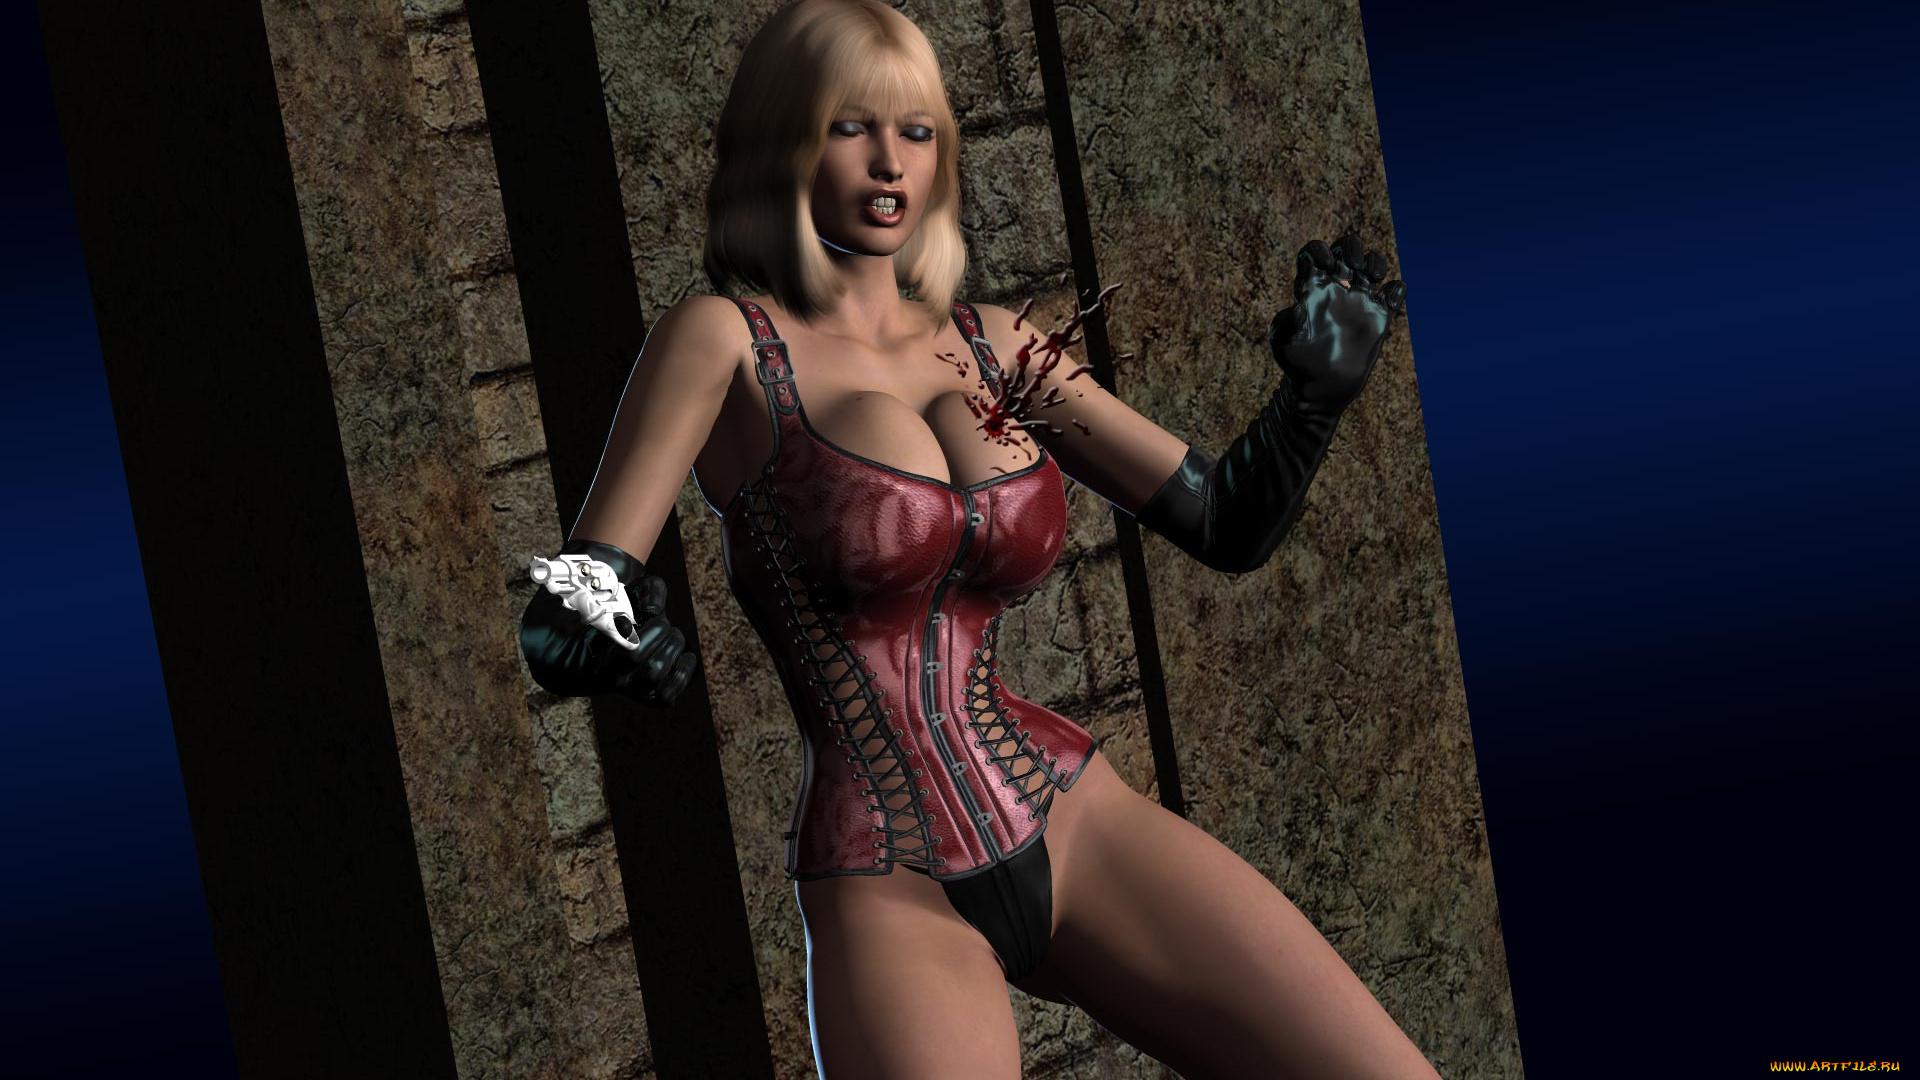 Hot female cop porn